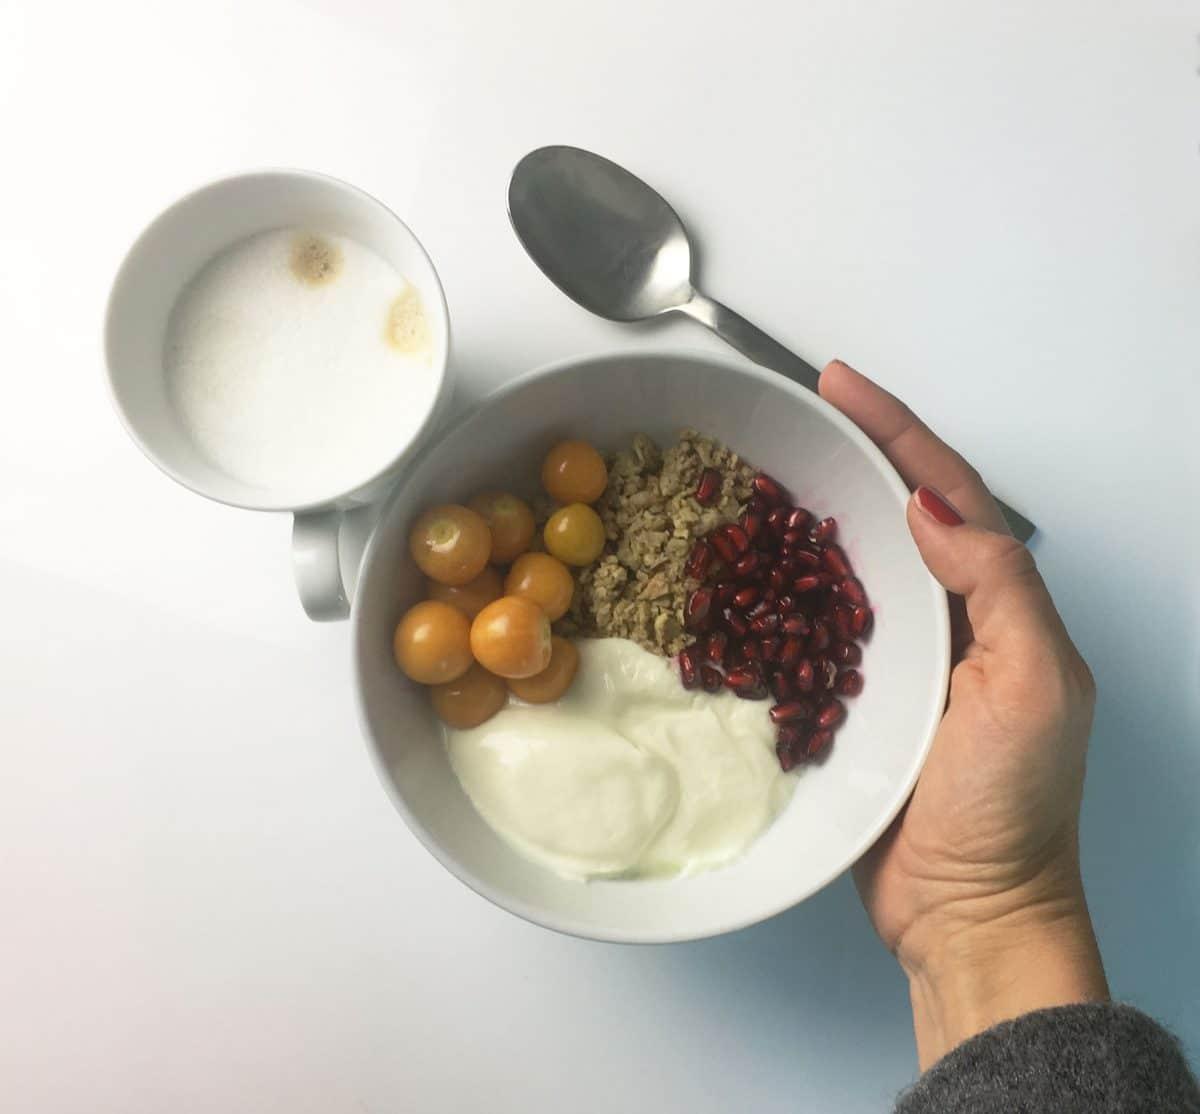 Schnelle Frühstücksidee Nr 1: Müsli mit Obst und Joghurt